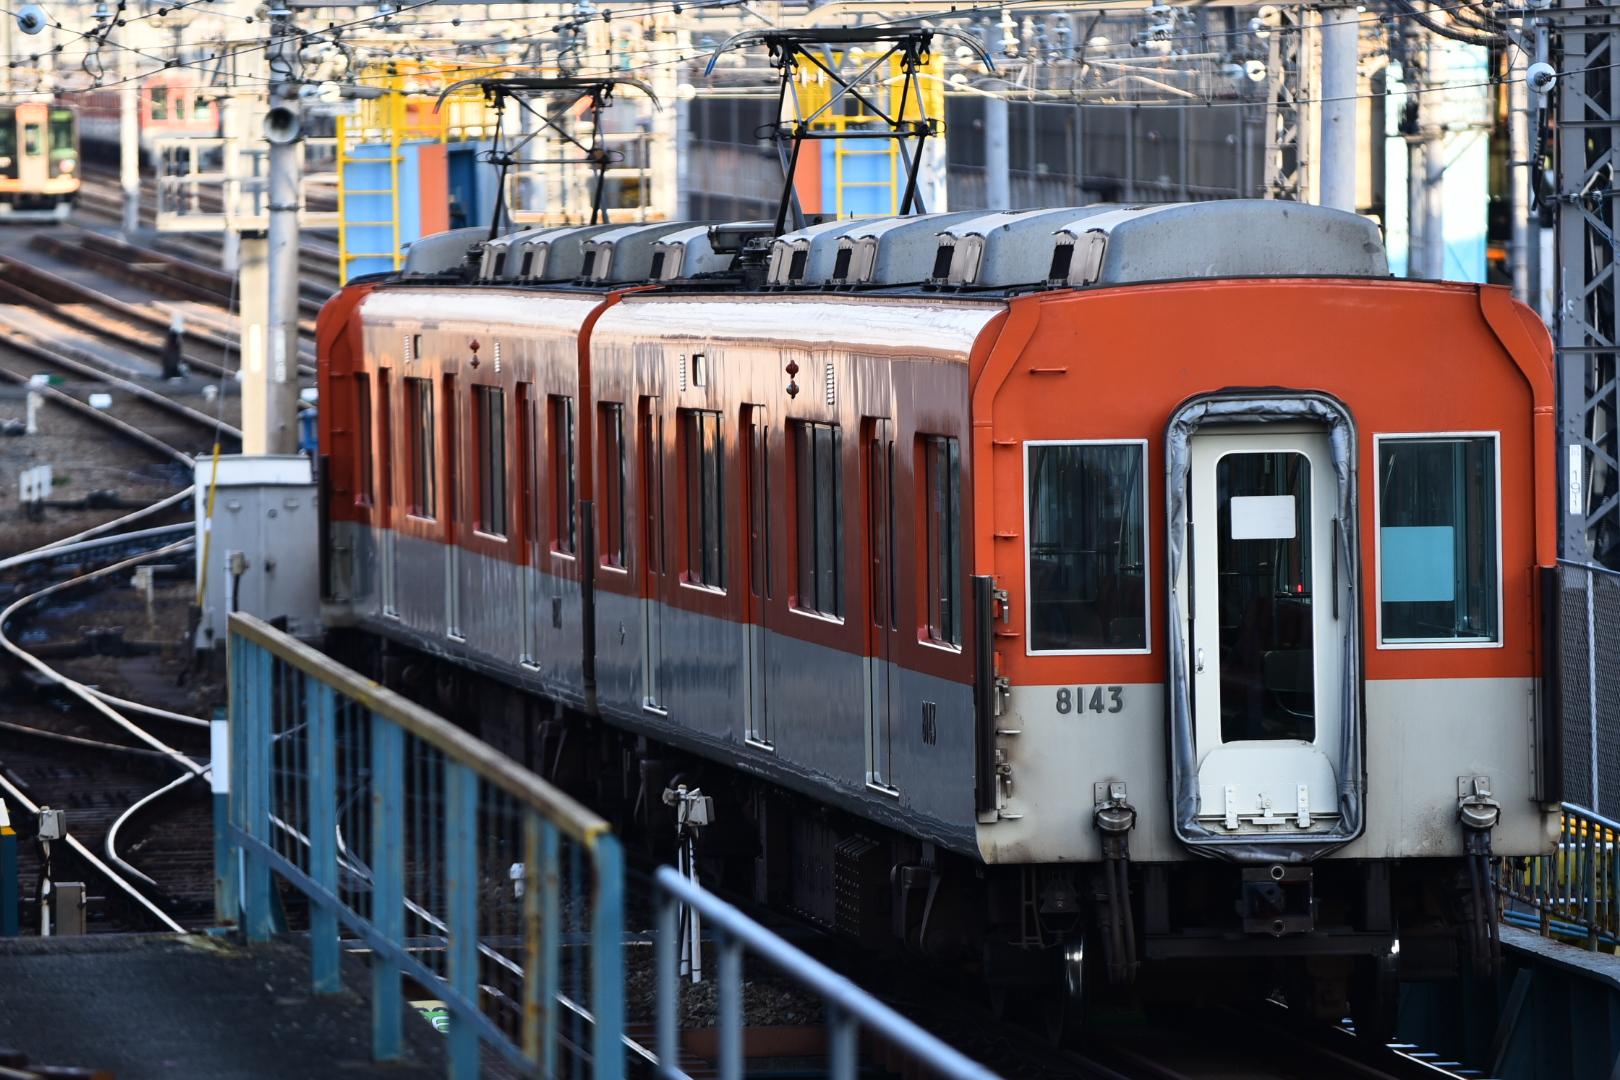 【撮った】2018/03/03 8241f 神戸方ユニット出場試運転